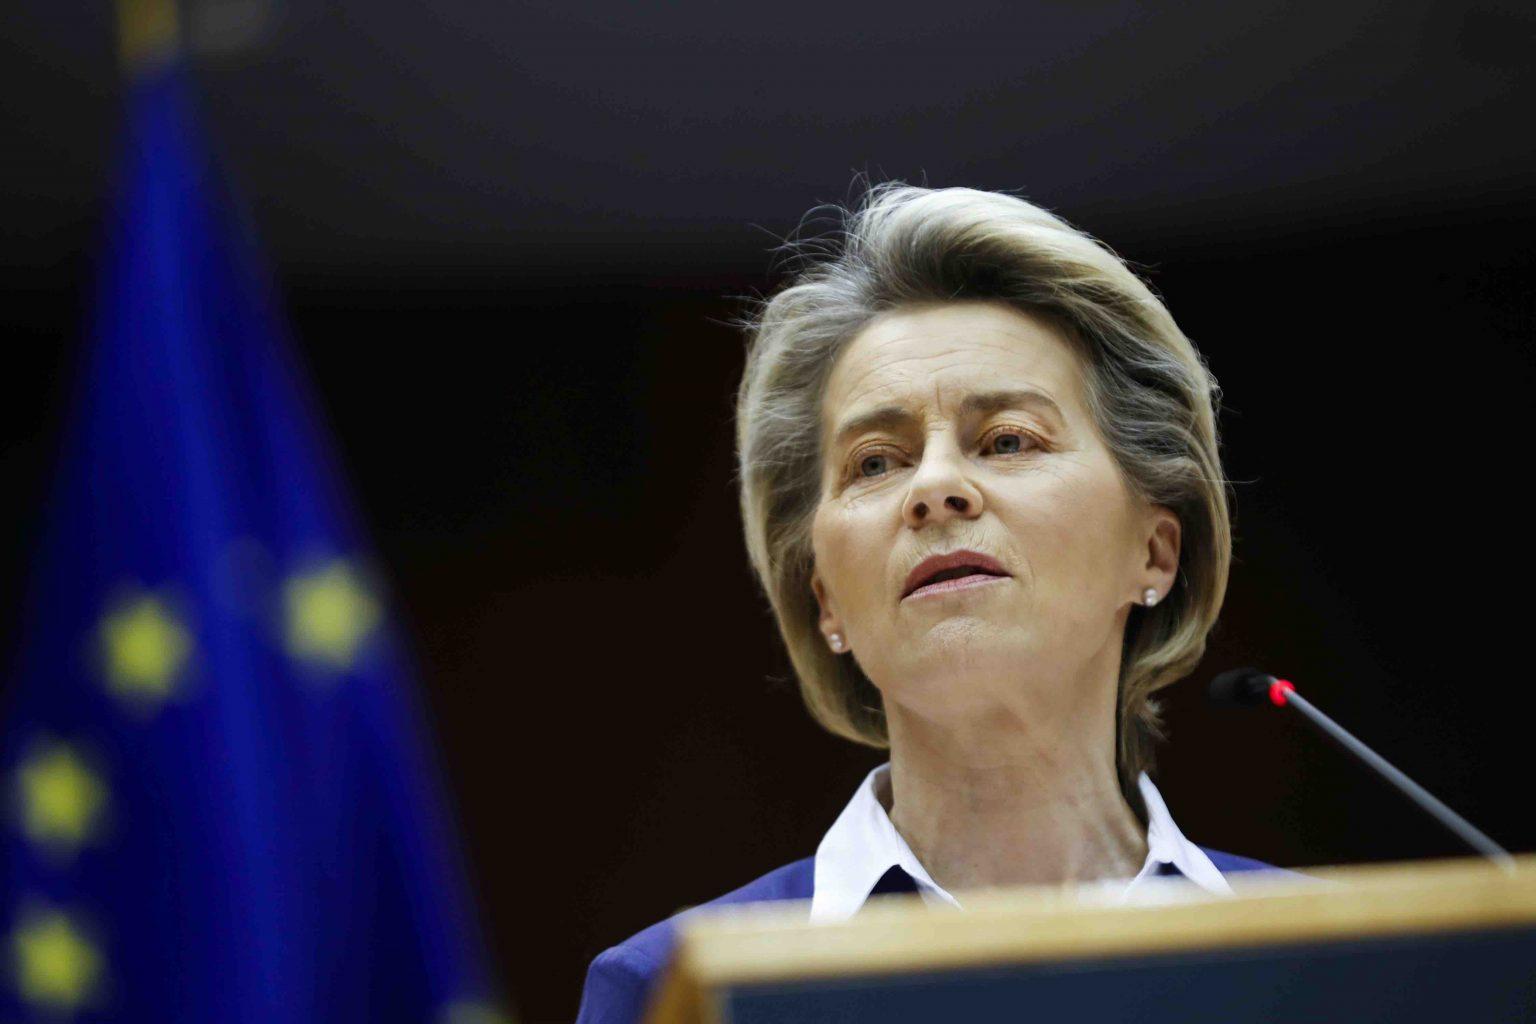 Impfstoff-Debakel: AfD-Chef fordert Rücktritt von der Leyens